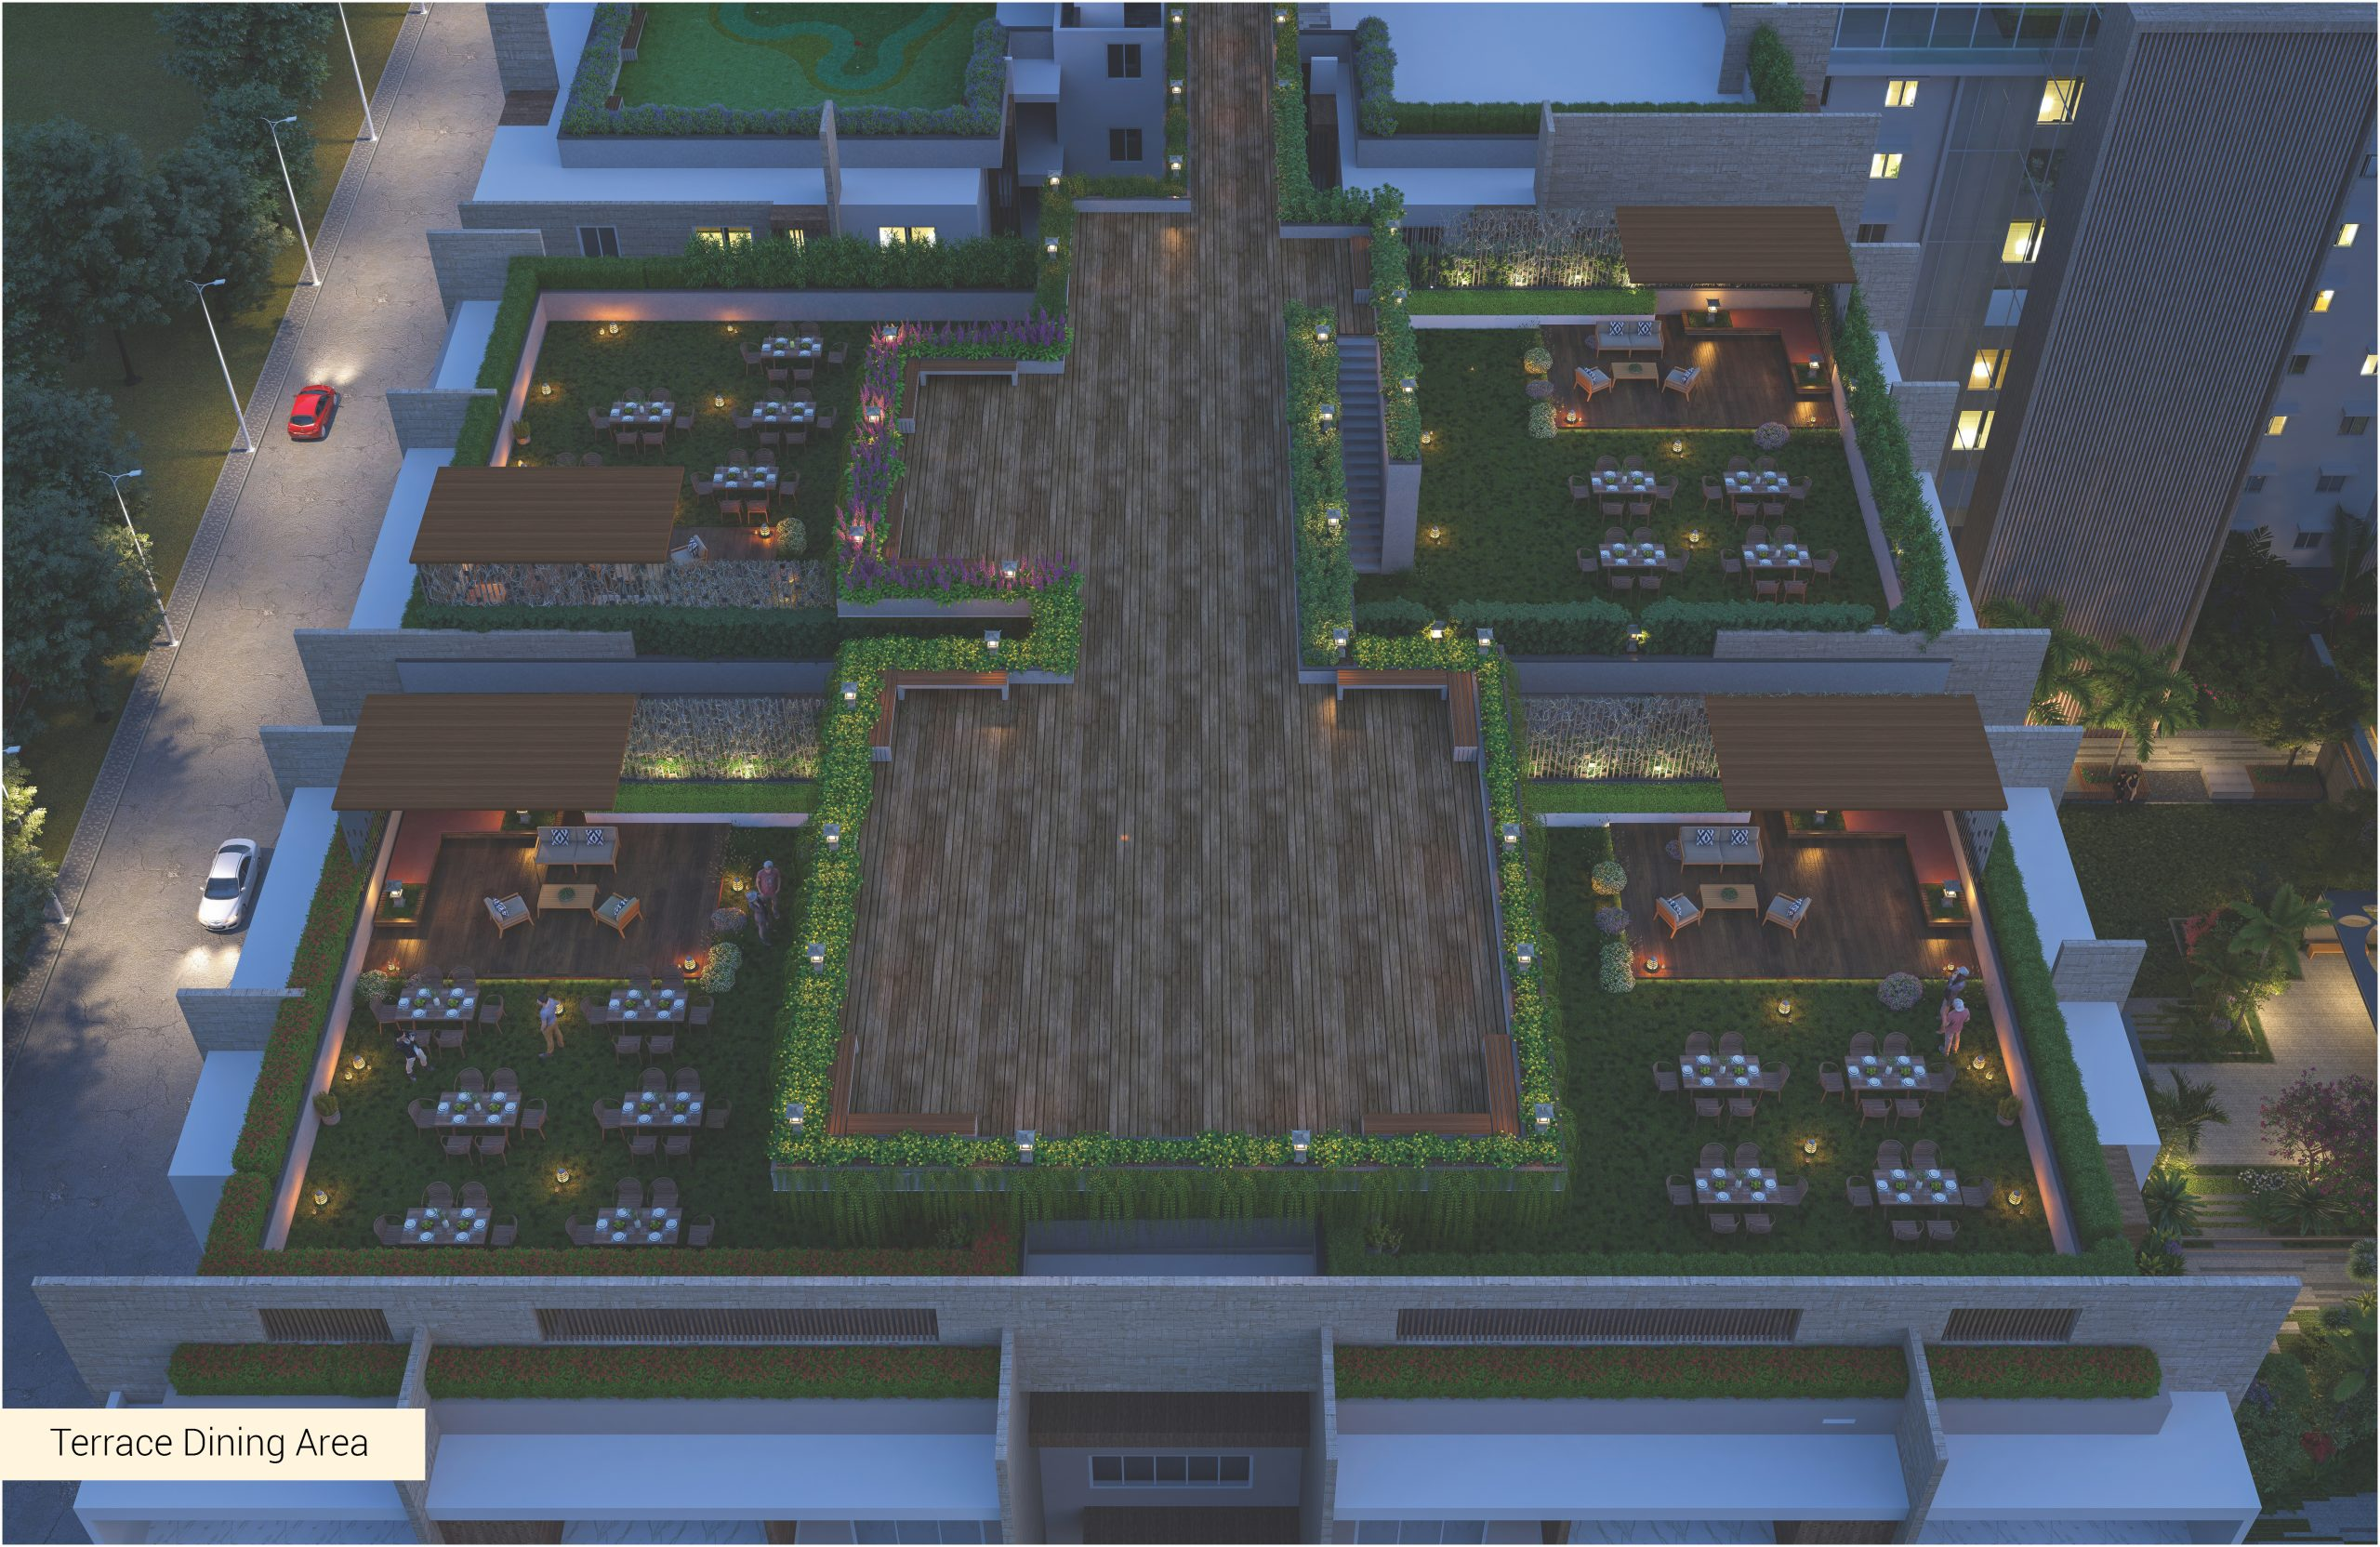 Terrace dinning area edited